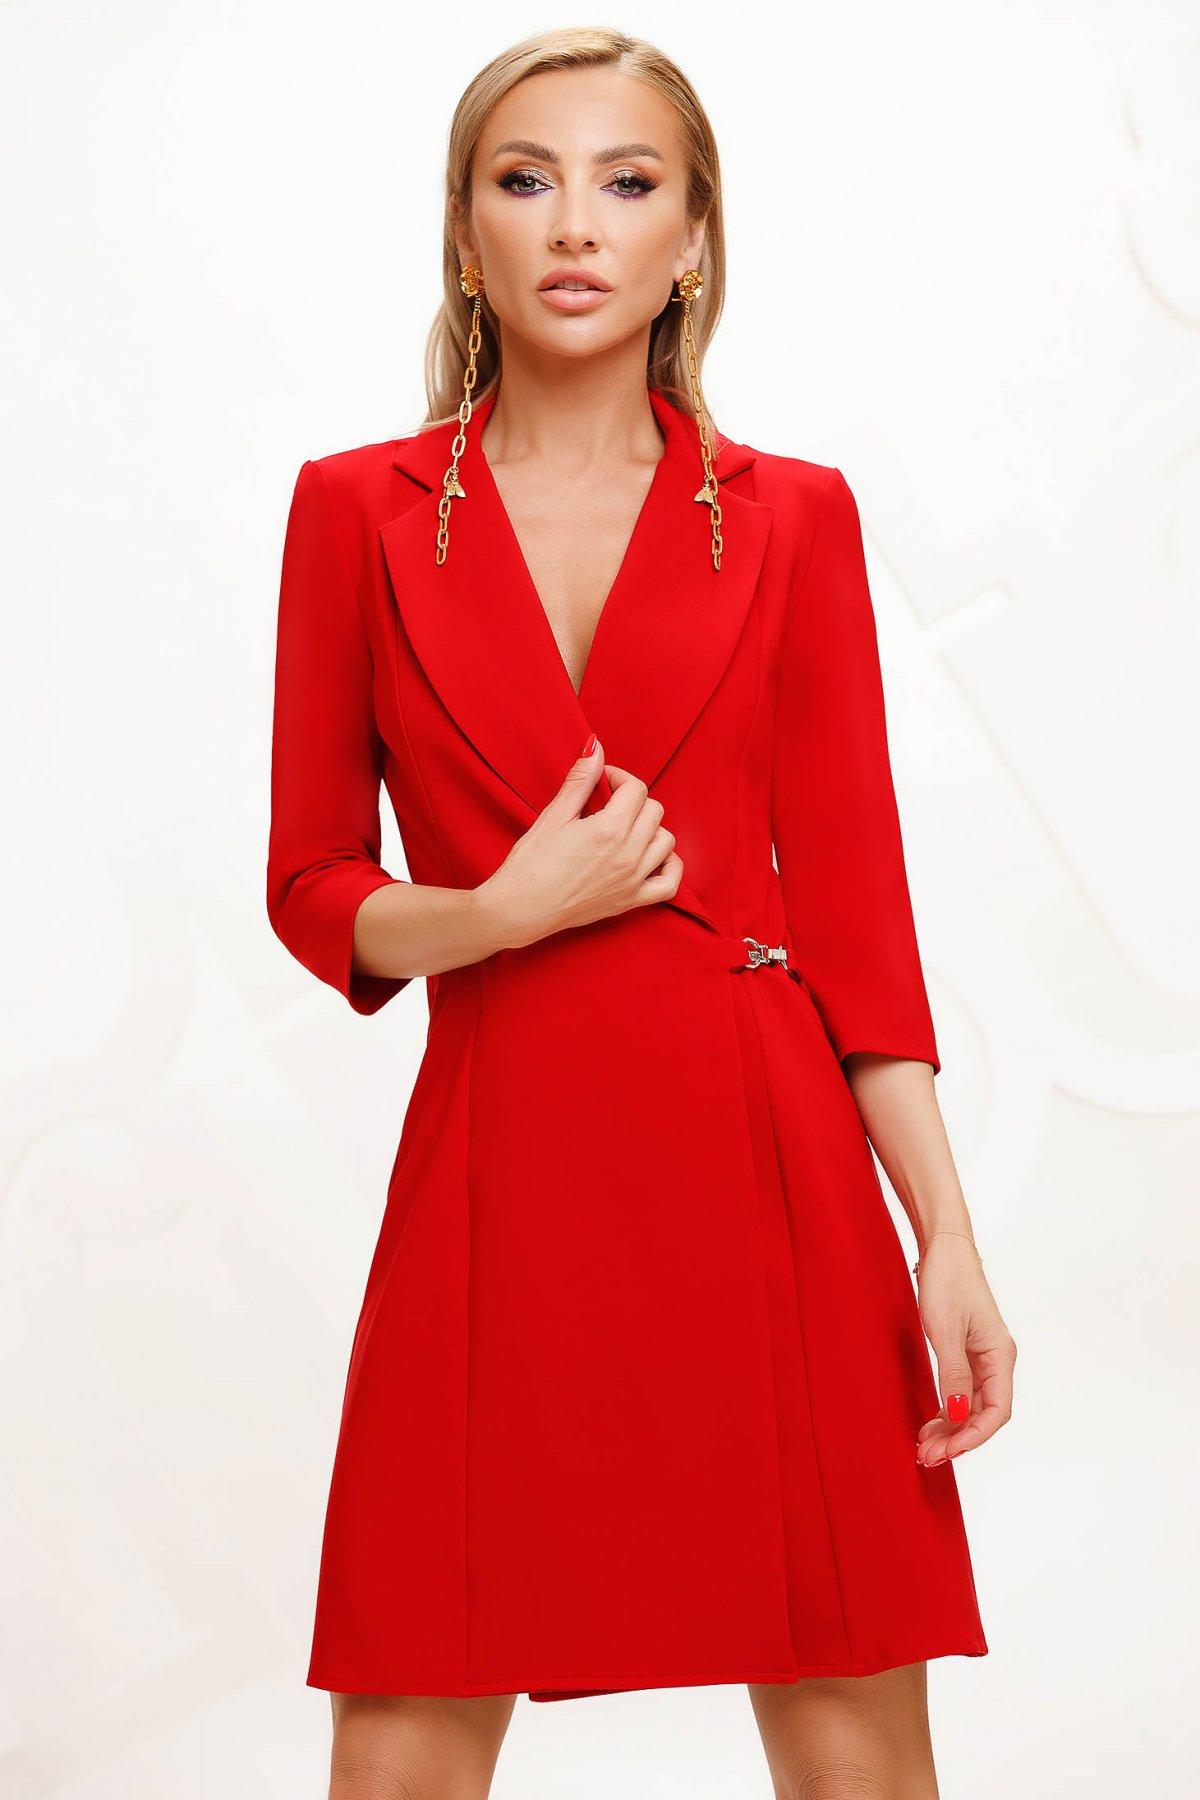 Rochie Artista rosie cu croi in a eleganta scurta petrecuta din stofa material subtire